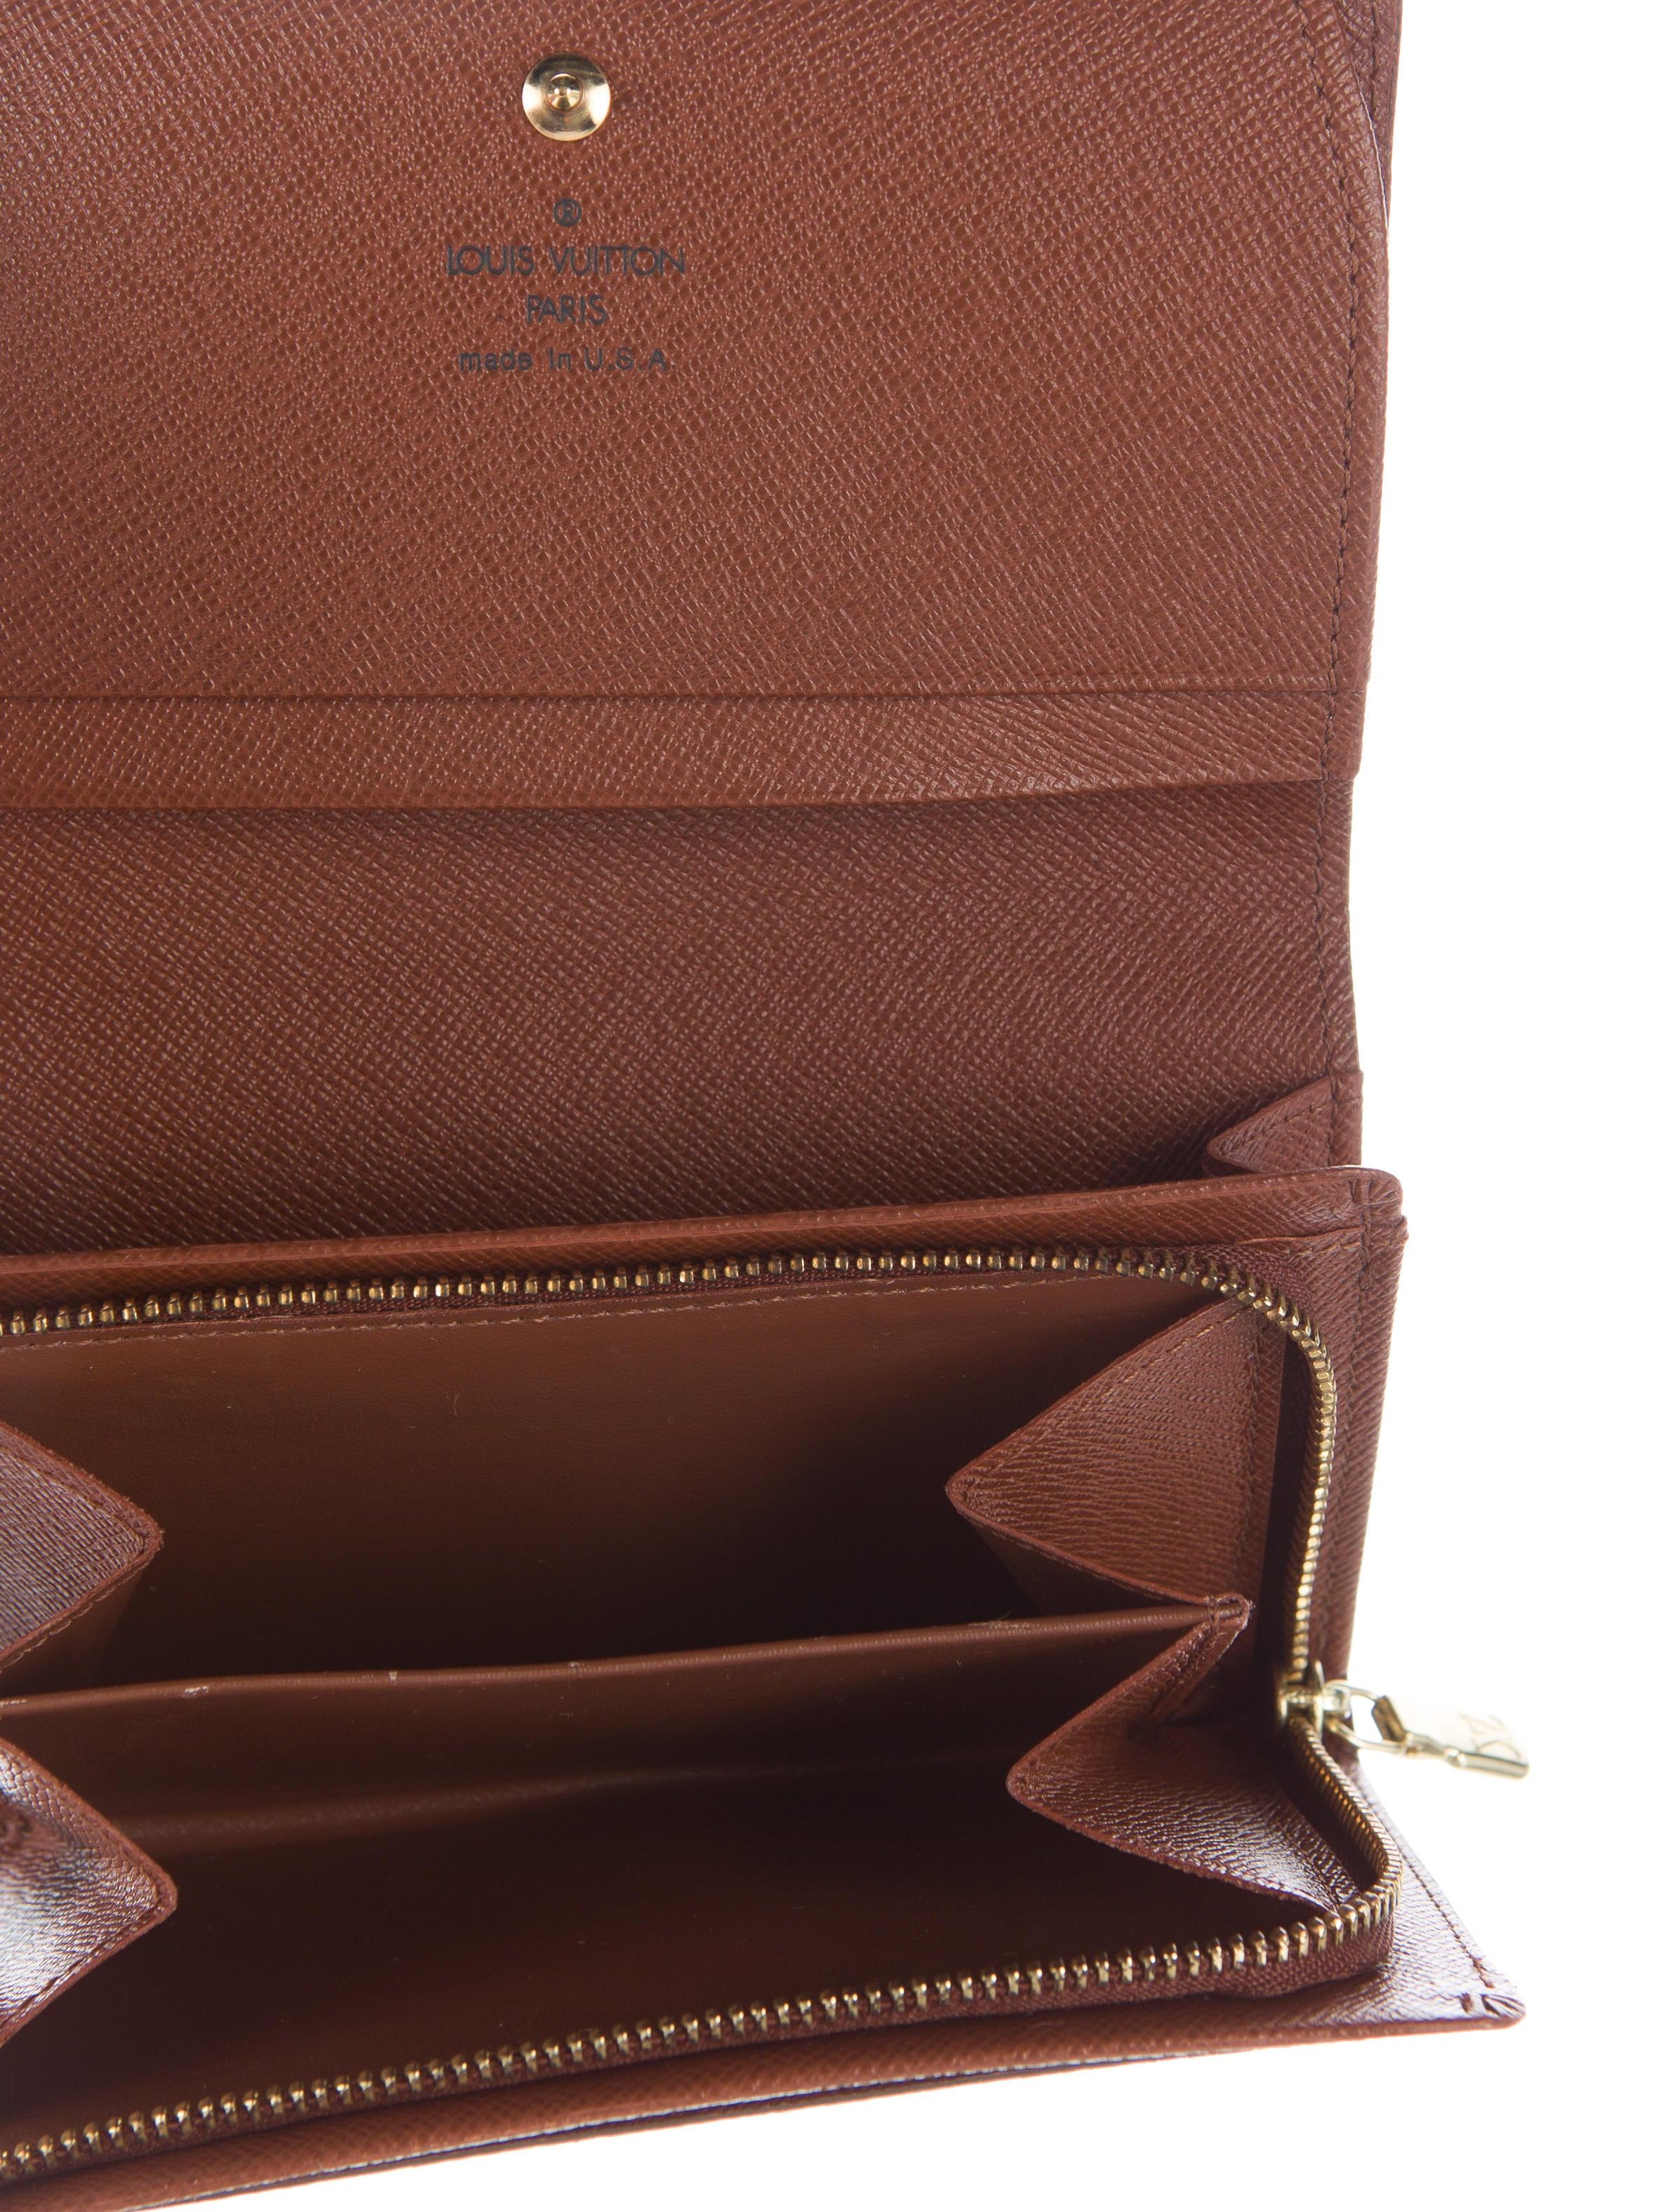 Louis vuitton porte monnaie tresor wallet accessories for Porte monnaie wallet